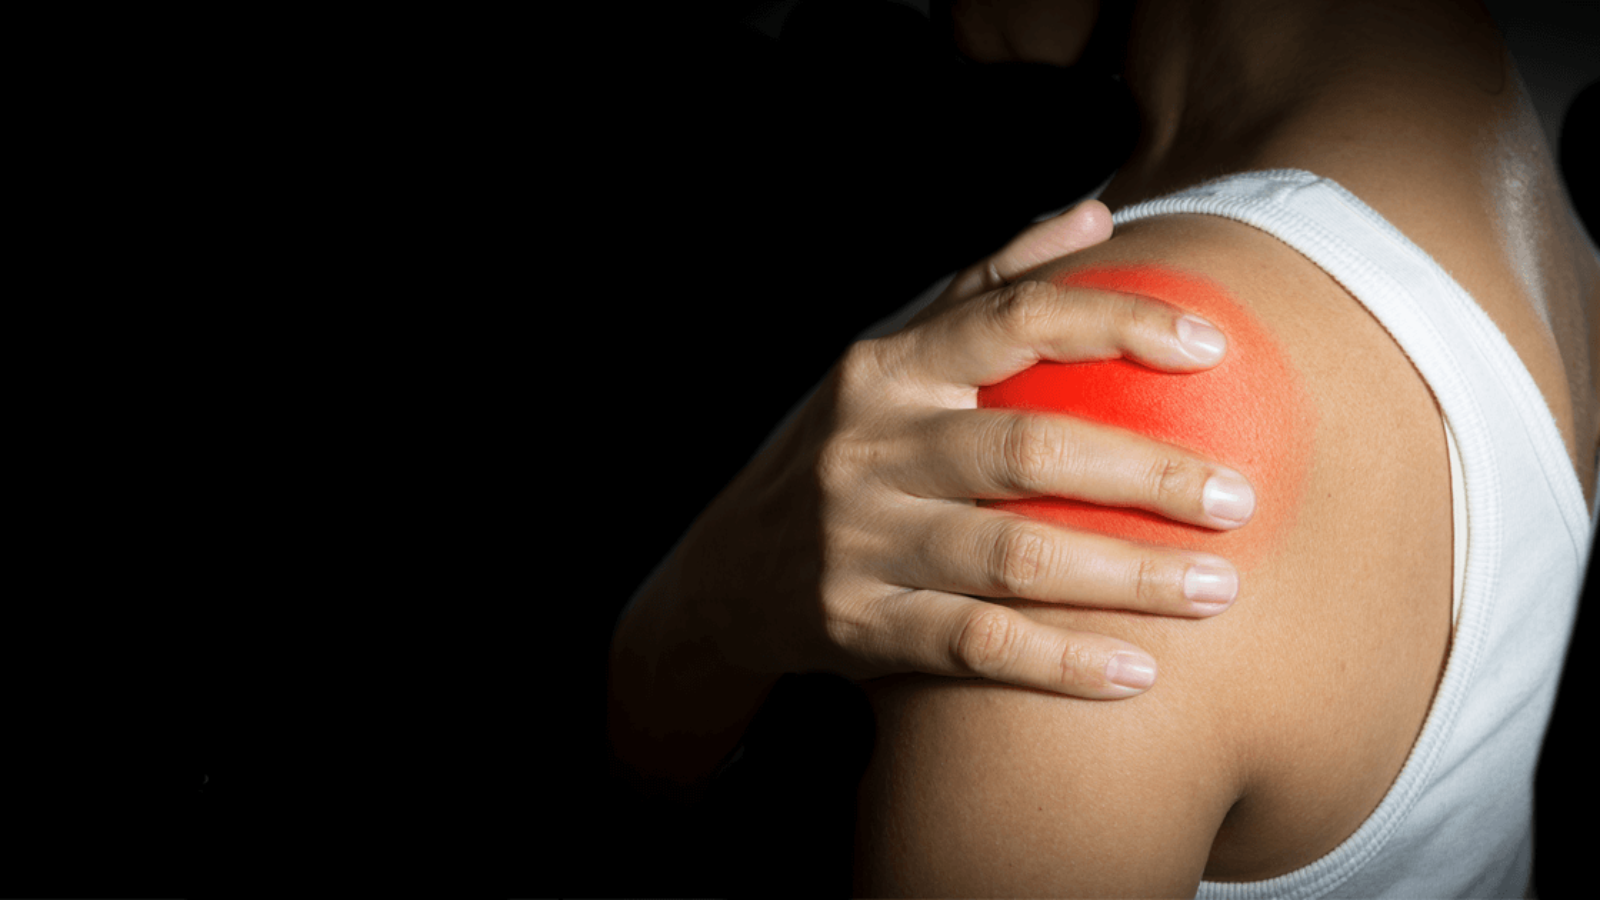 Il dolore alla spalla per chi pratica sport: come comportarsi